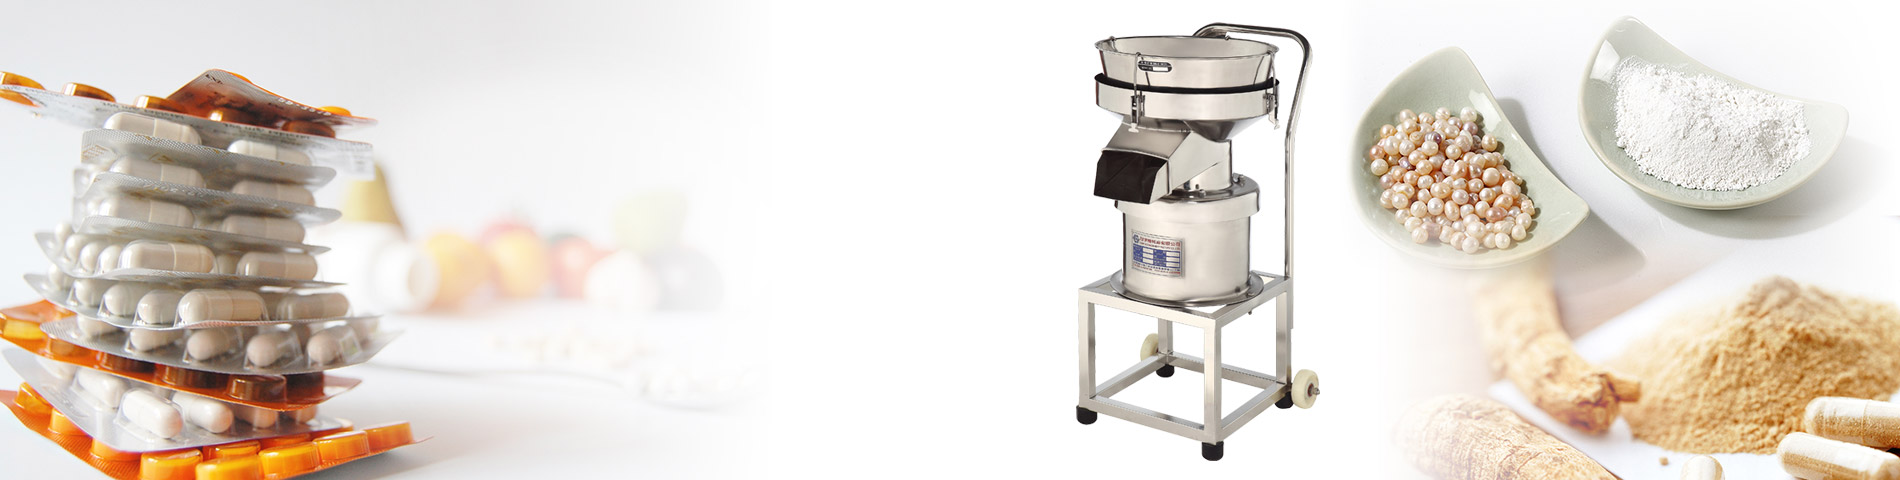 冠宇是   筛分和过滤的专家   给您最优质产品及专业的售后服务